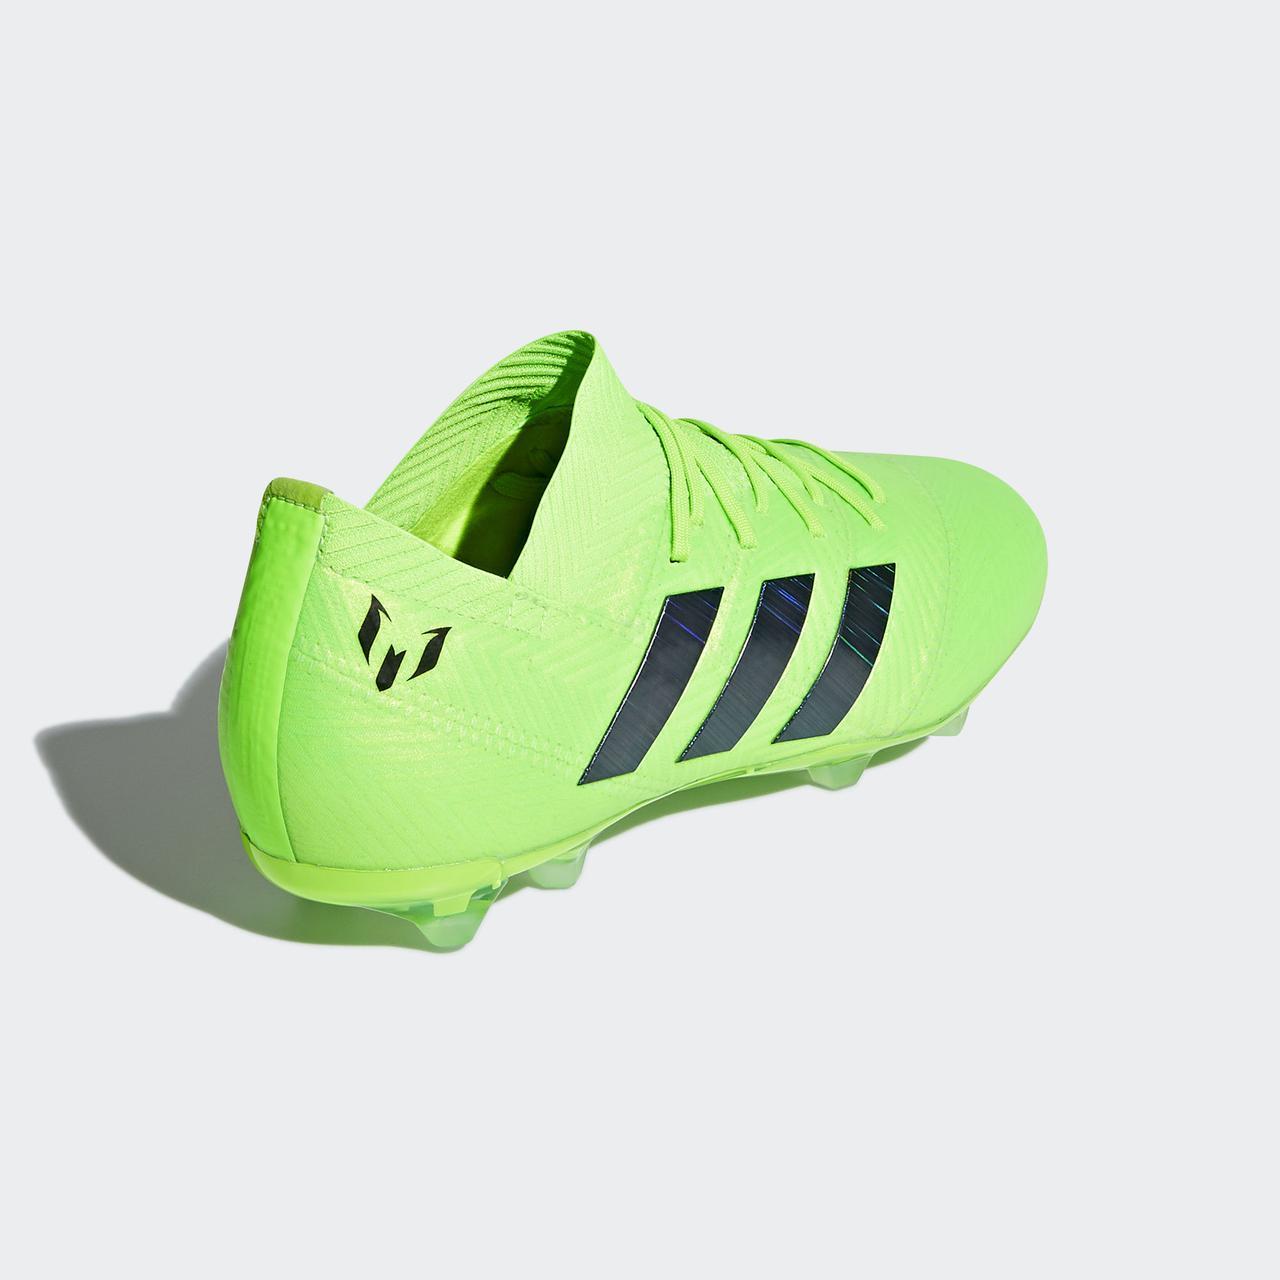 2f70201ec235 ... фото Детские футбольные бутсы Adidas Performance Nemeziz Messi 18.1 FG ( Артикул  DB2361), ...